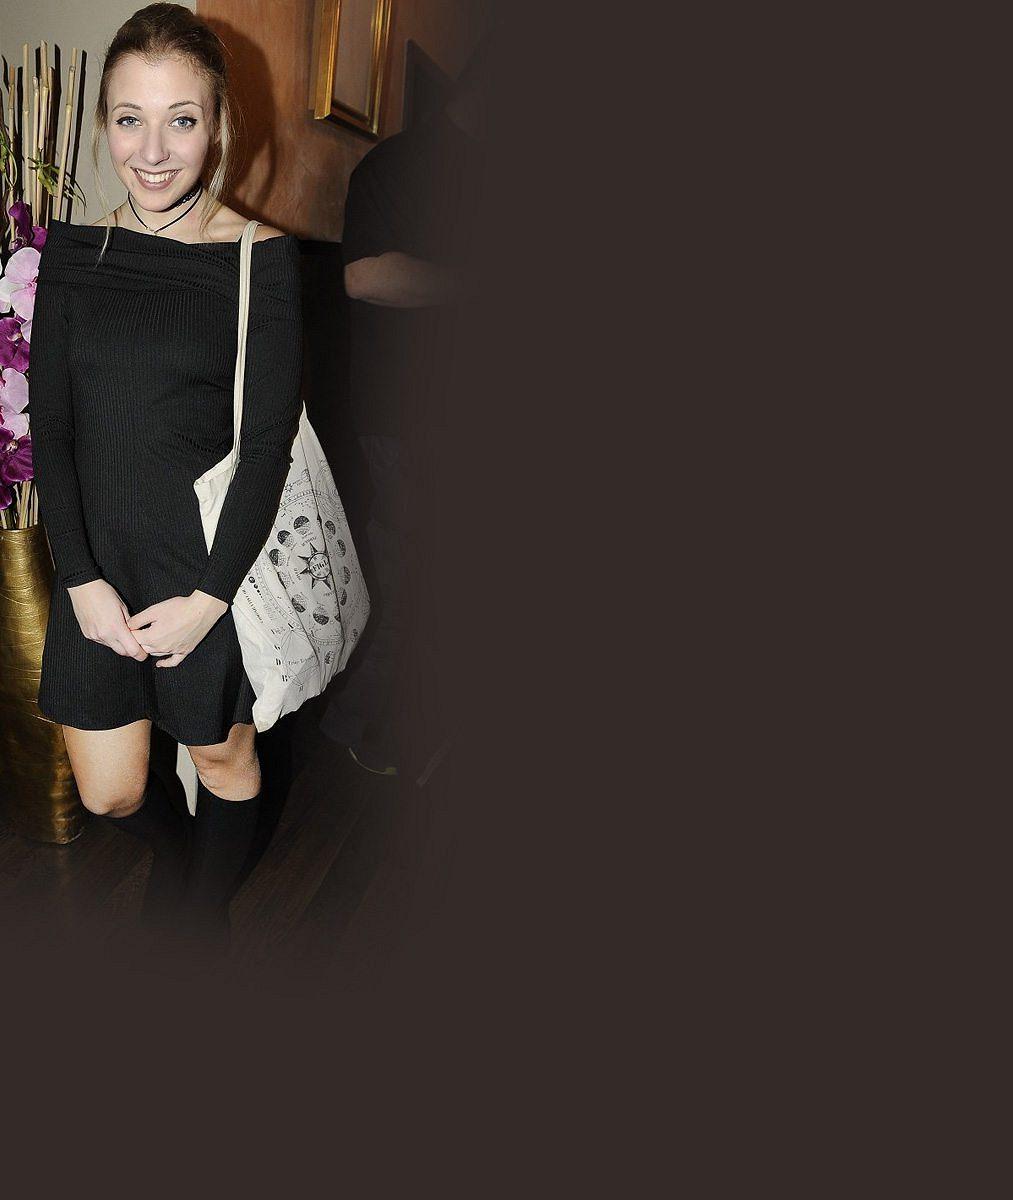 Cucflek Anna Slováčková na rameni opravdu nemá: Krizi ve vztahu s přítelem potvrzuje i to, že nepřišel na její premiéru